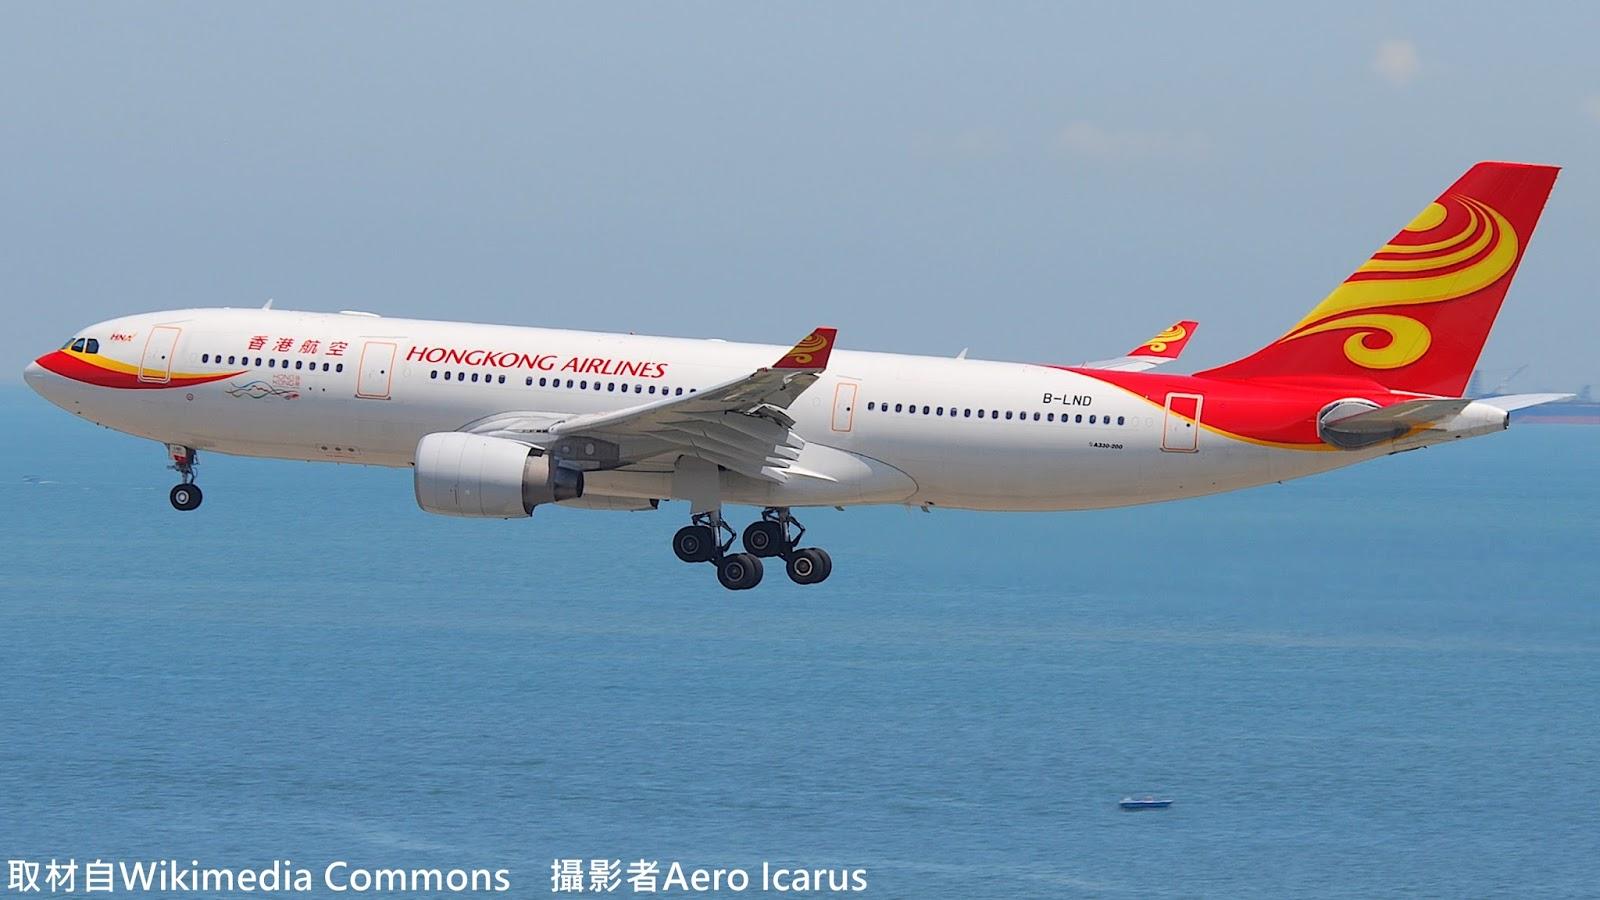 黑老闆說用經濟艙價格搭商務艙,Hong Kong Airlines A330